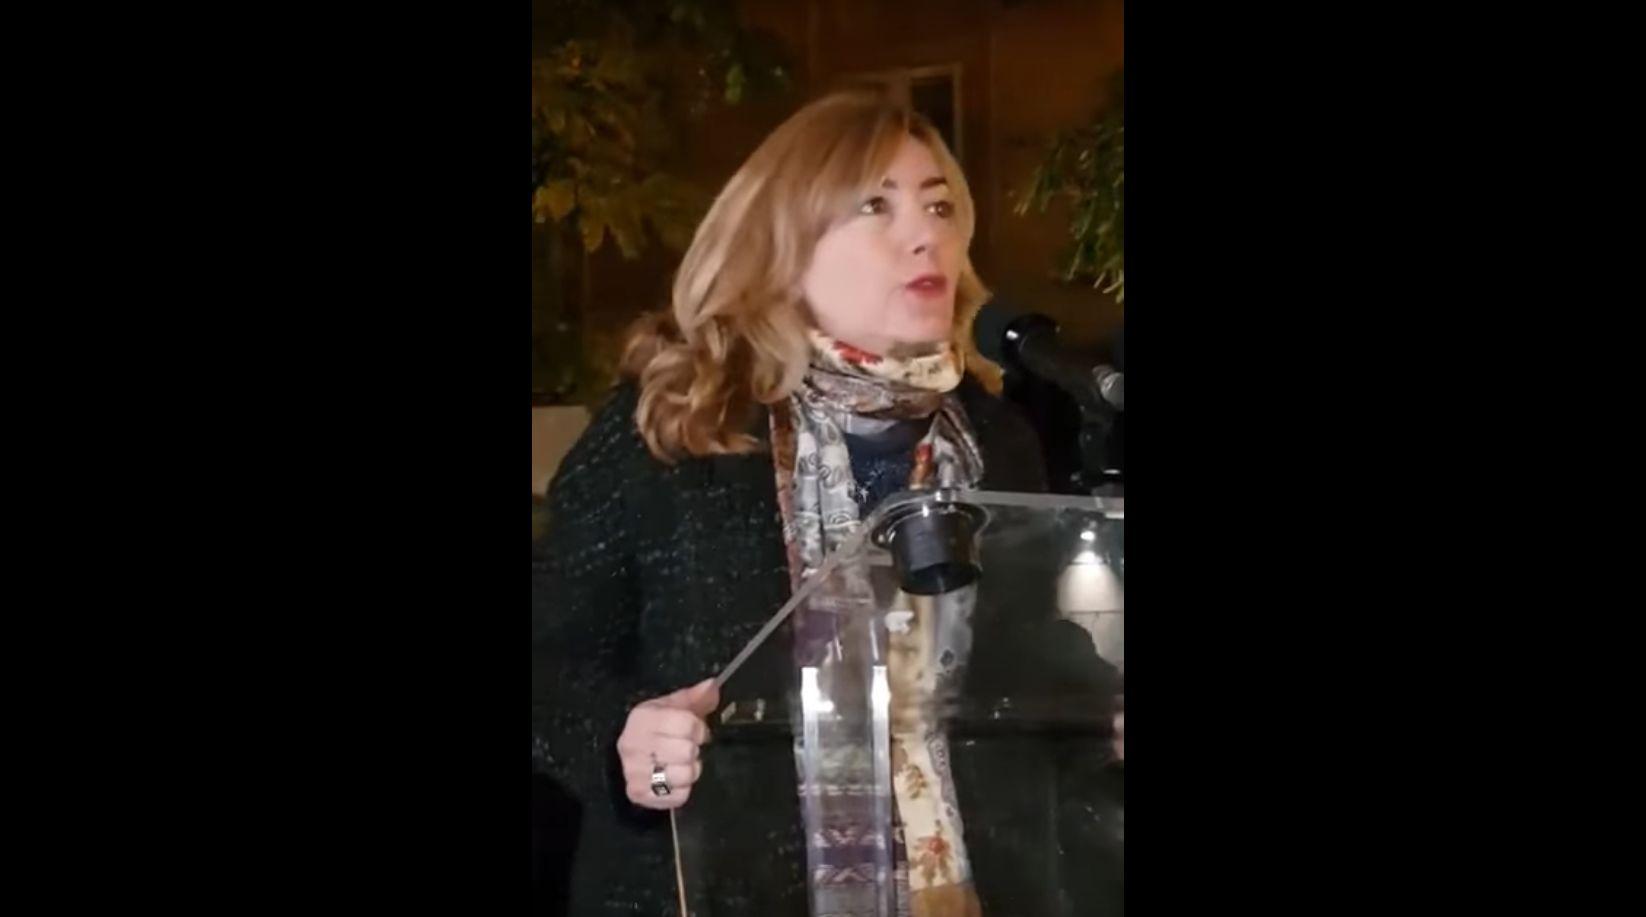 Intervention de Stéphanie Grimaldi lors de l'Inauguration de la permanence de Valérie Bozzi à Bastia